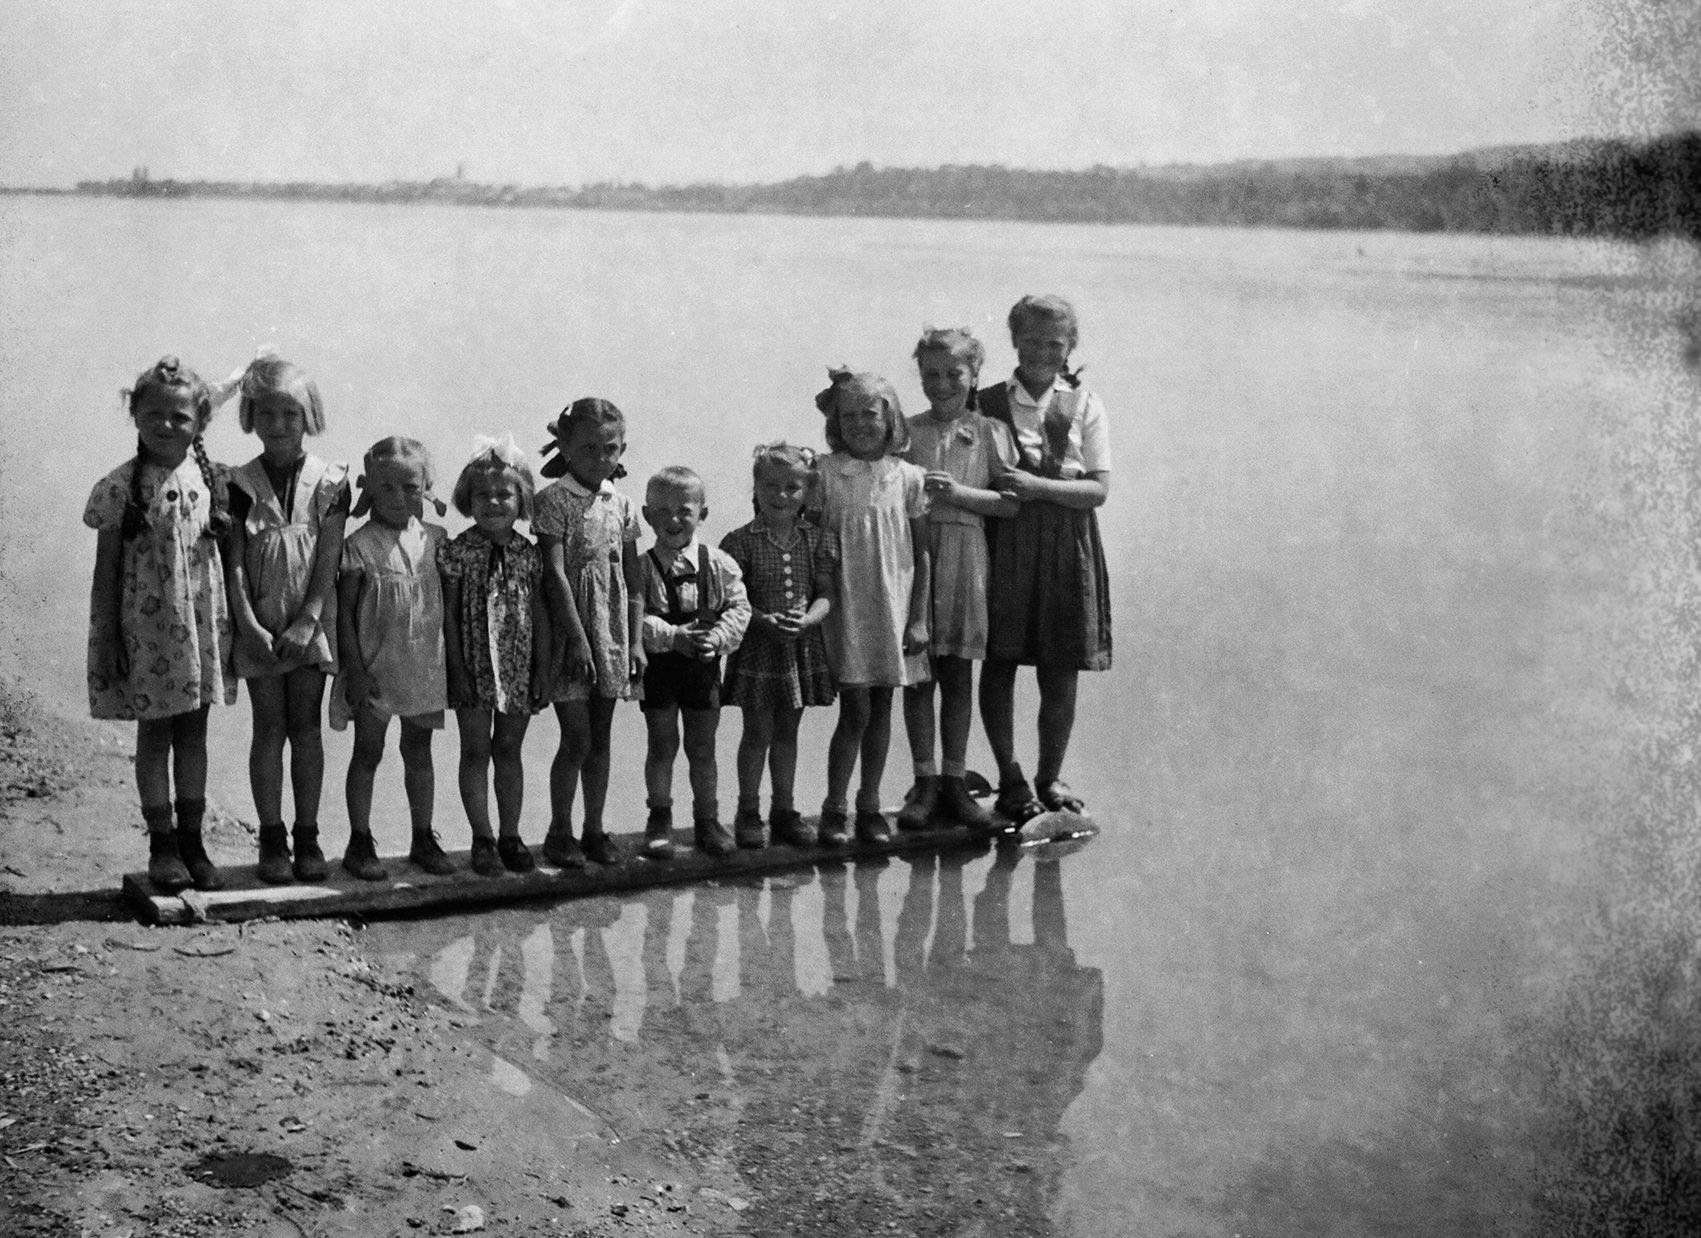 Fotoğraf Tuna tarafından bir grup çocuğu gösteriyor. (Macar Kültür Merkezi'nin izniyle)